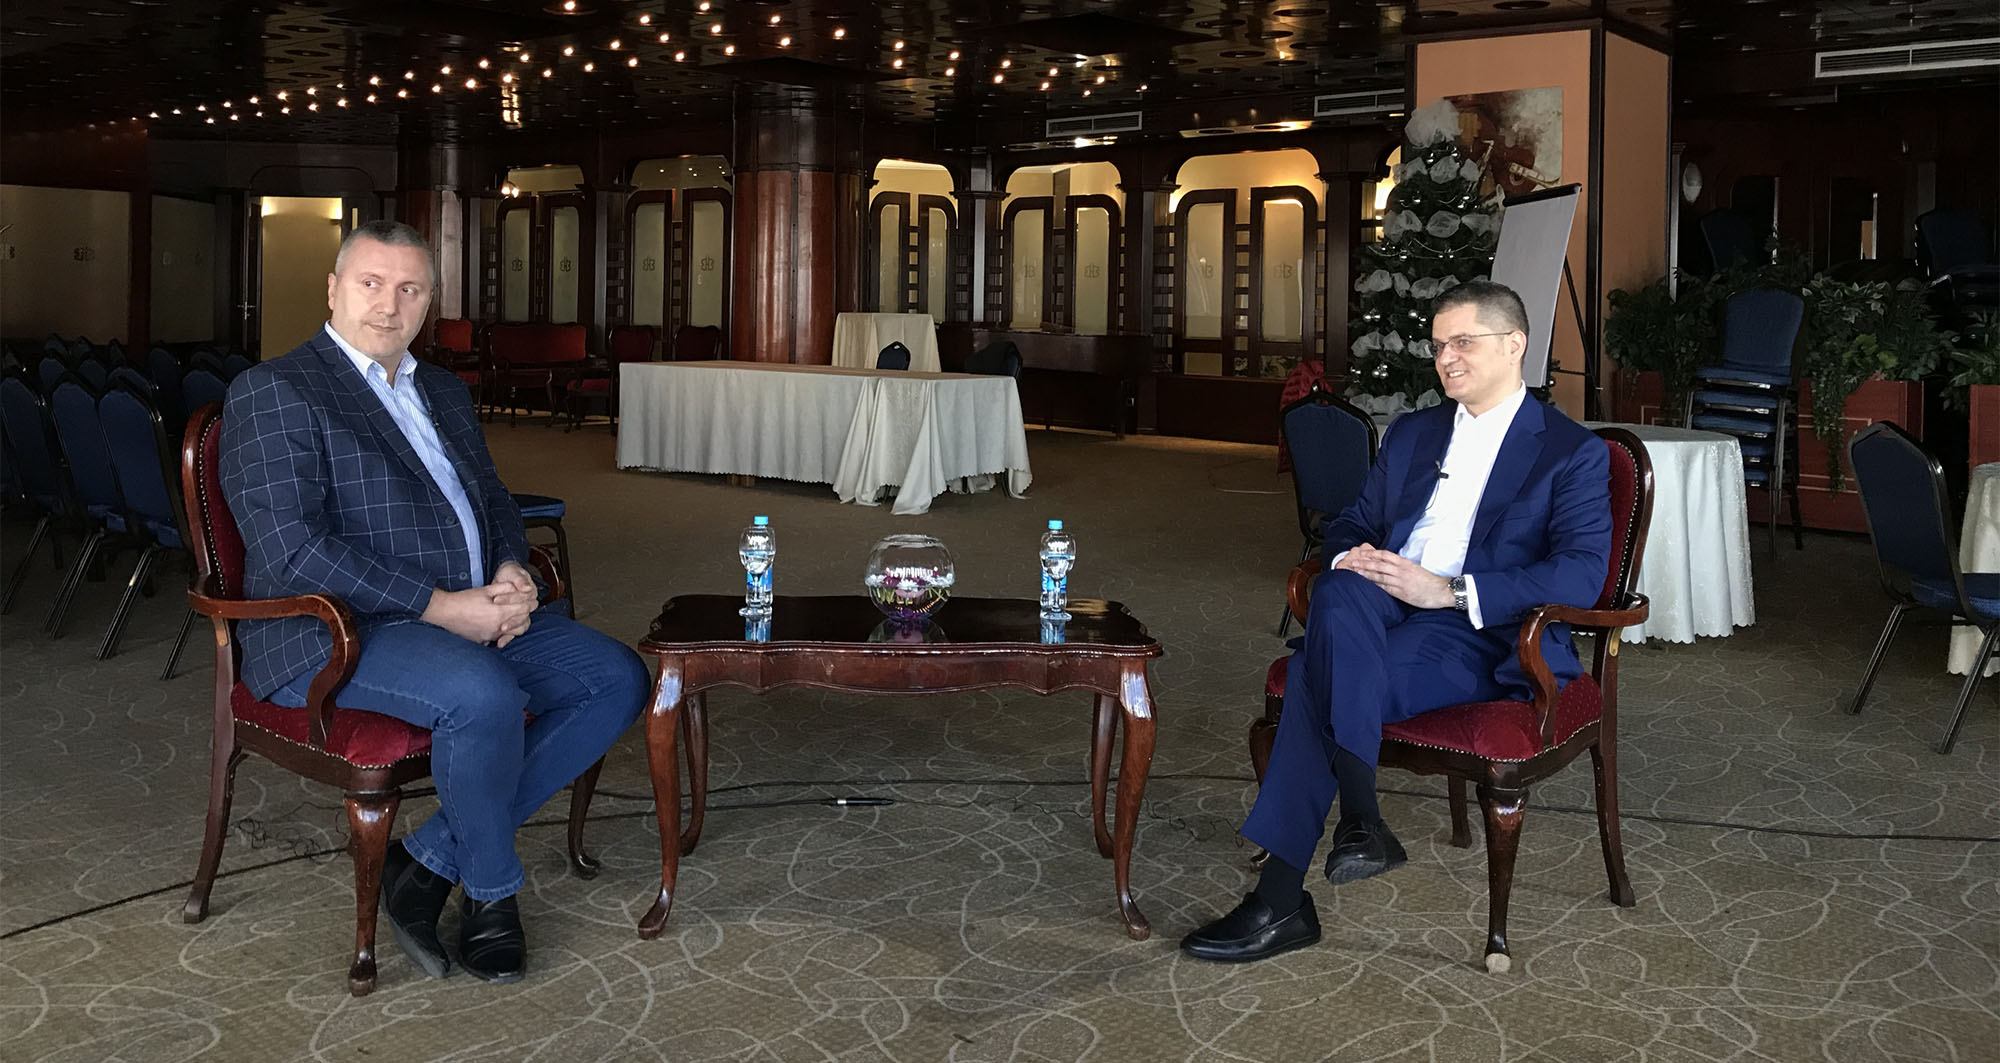 Јеремић: Након Косова, следећа Вучићева жртва биће Република Српска